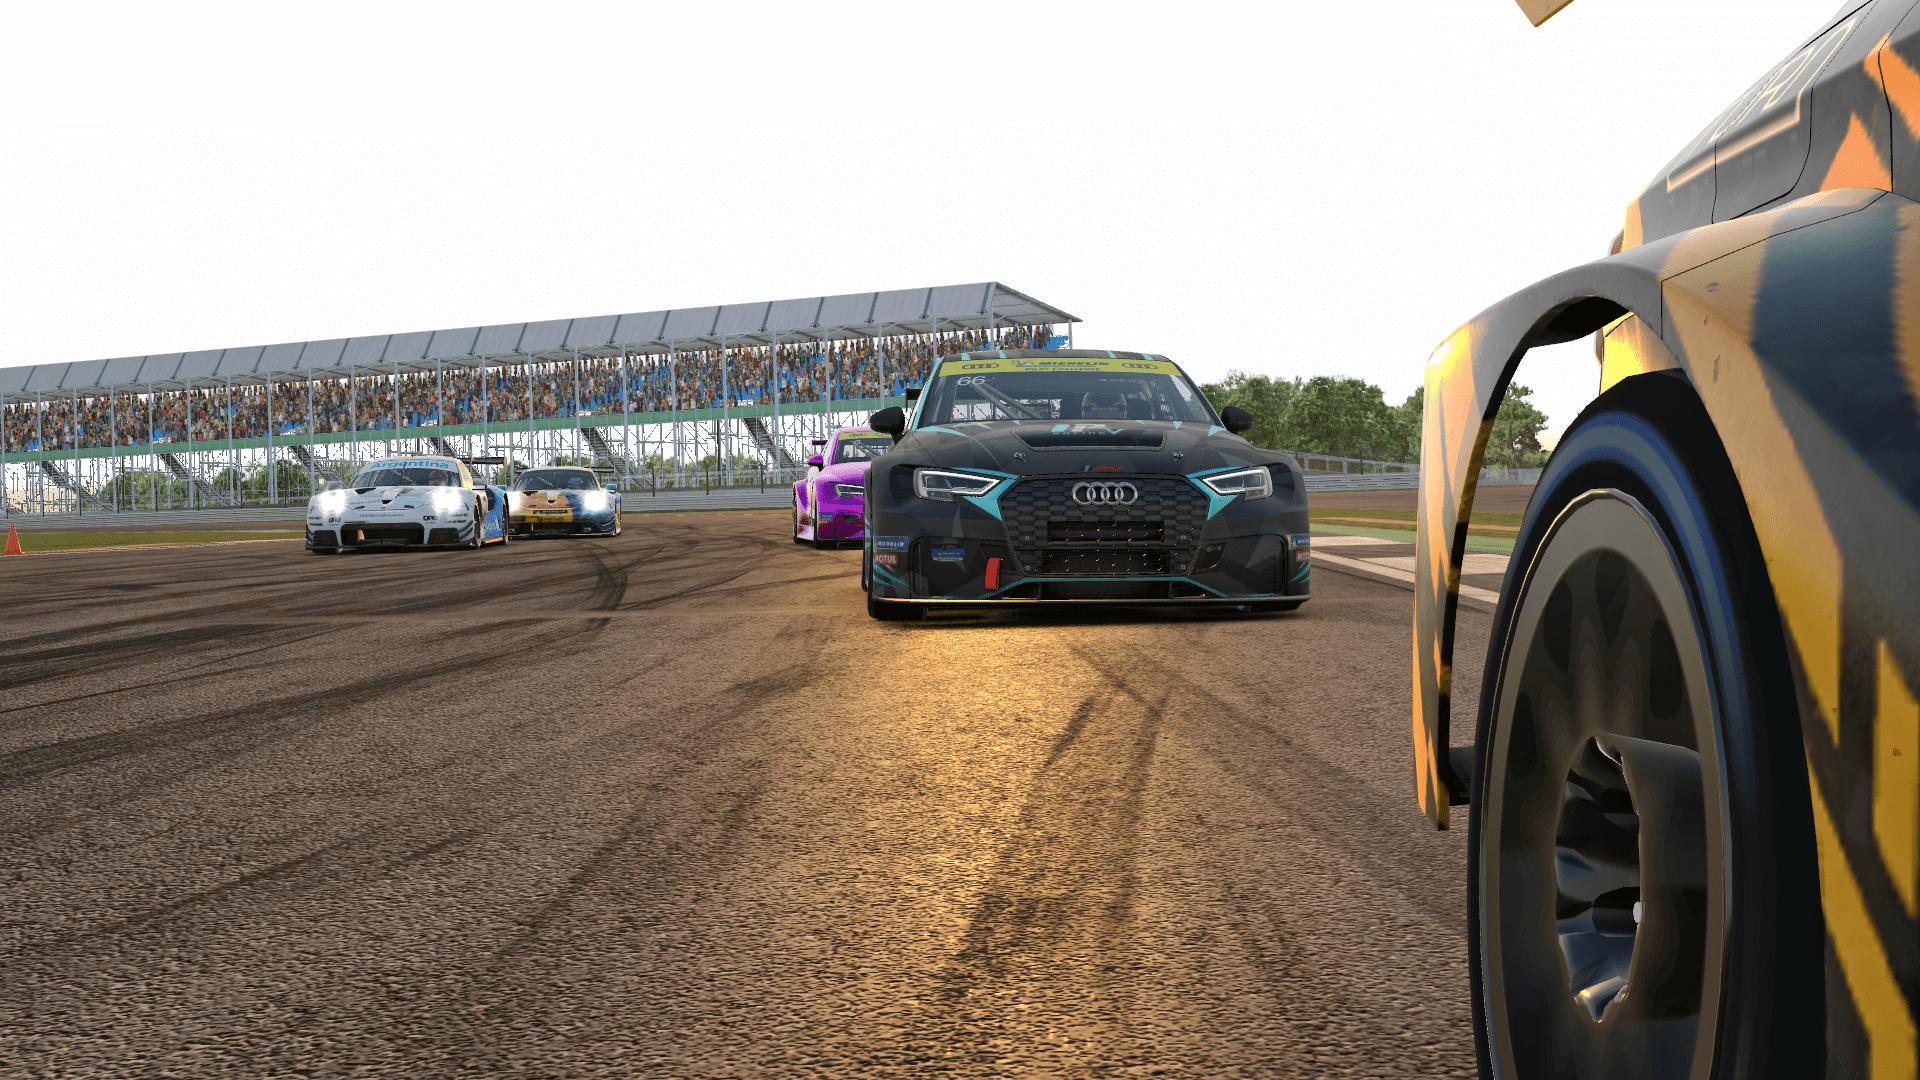 iRacing Endurance Championship TCR battle at Silverstone